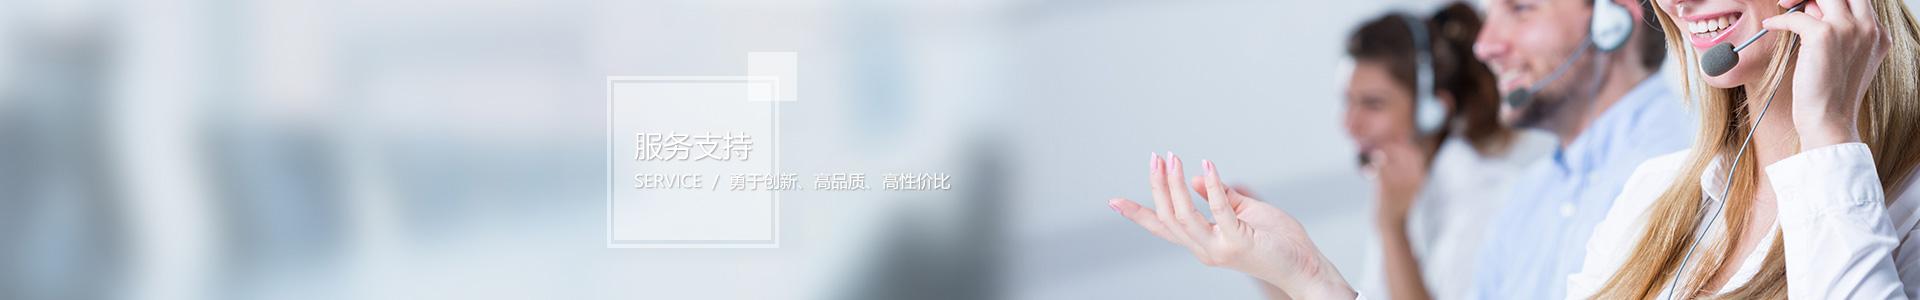 惠州捷耀数控机械有限公司